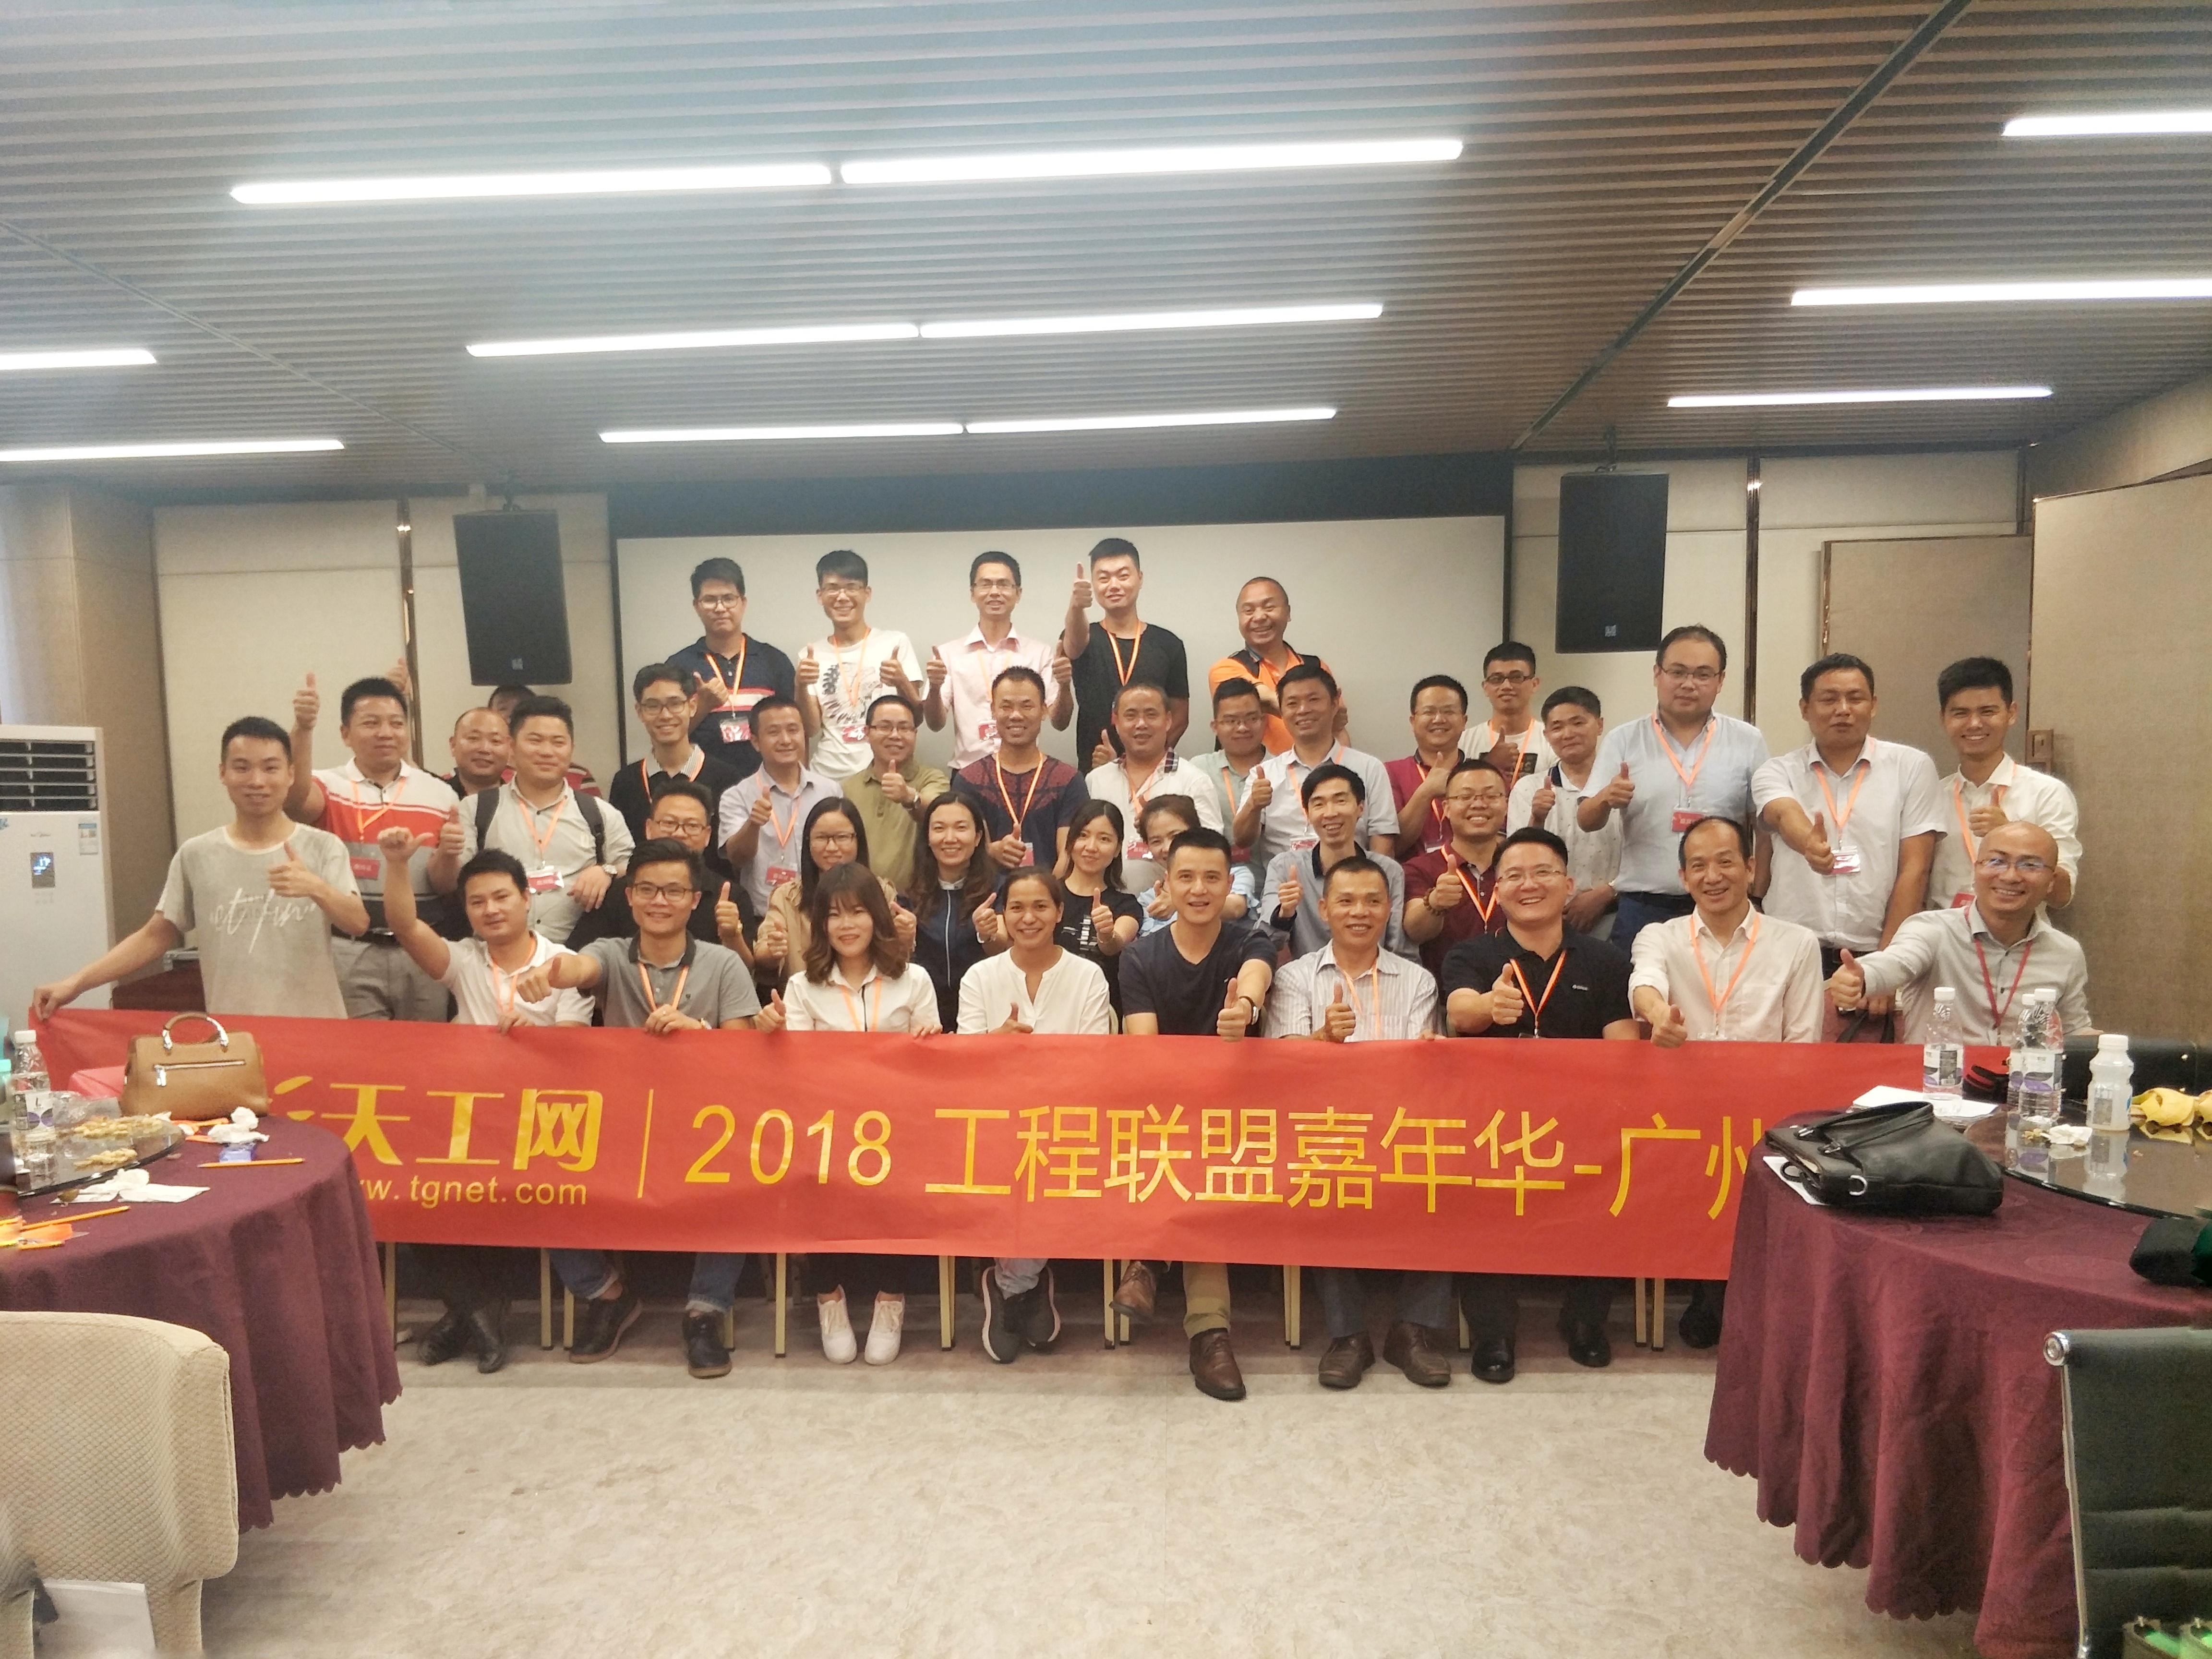 2018天工网工程联盟嘉年华――广州站